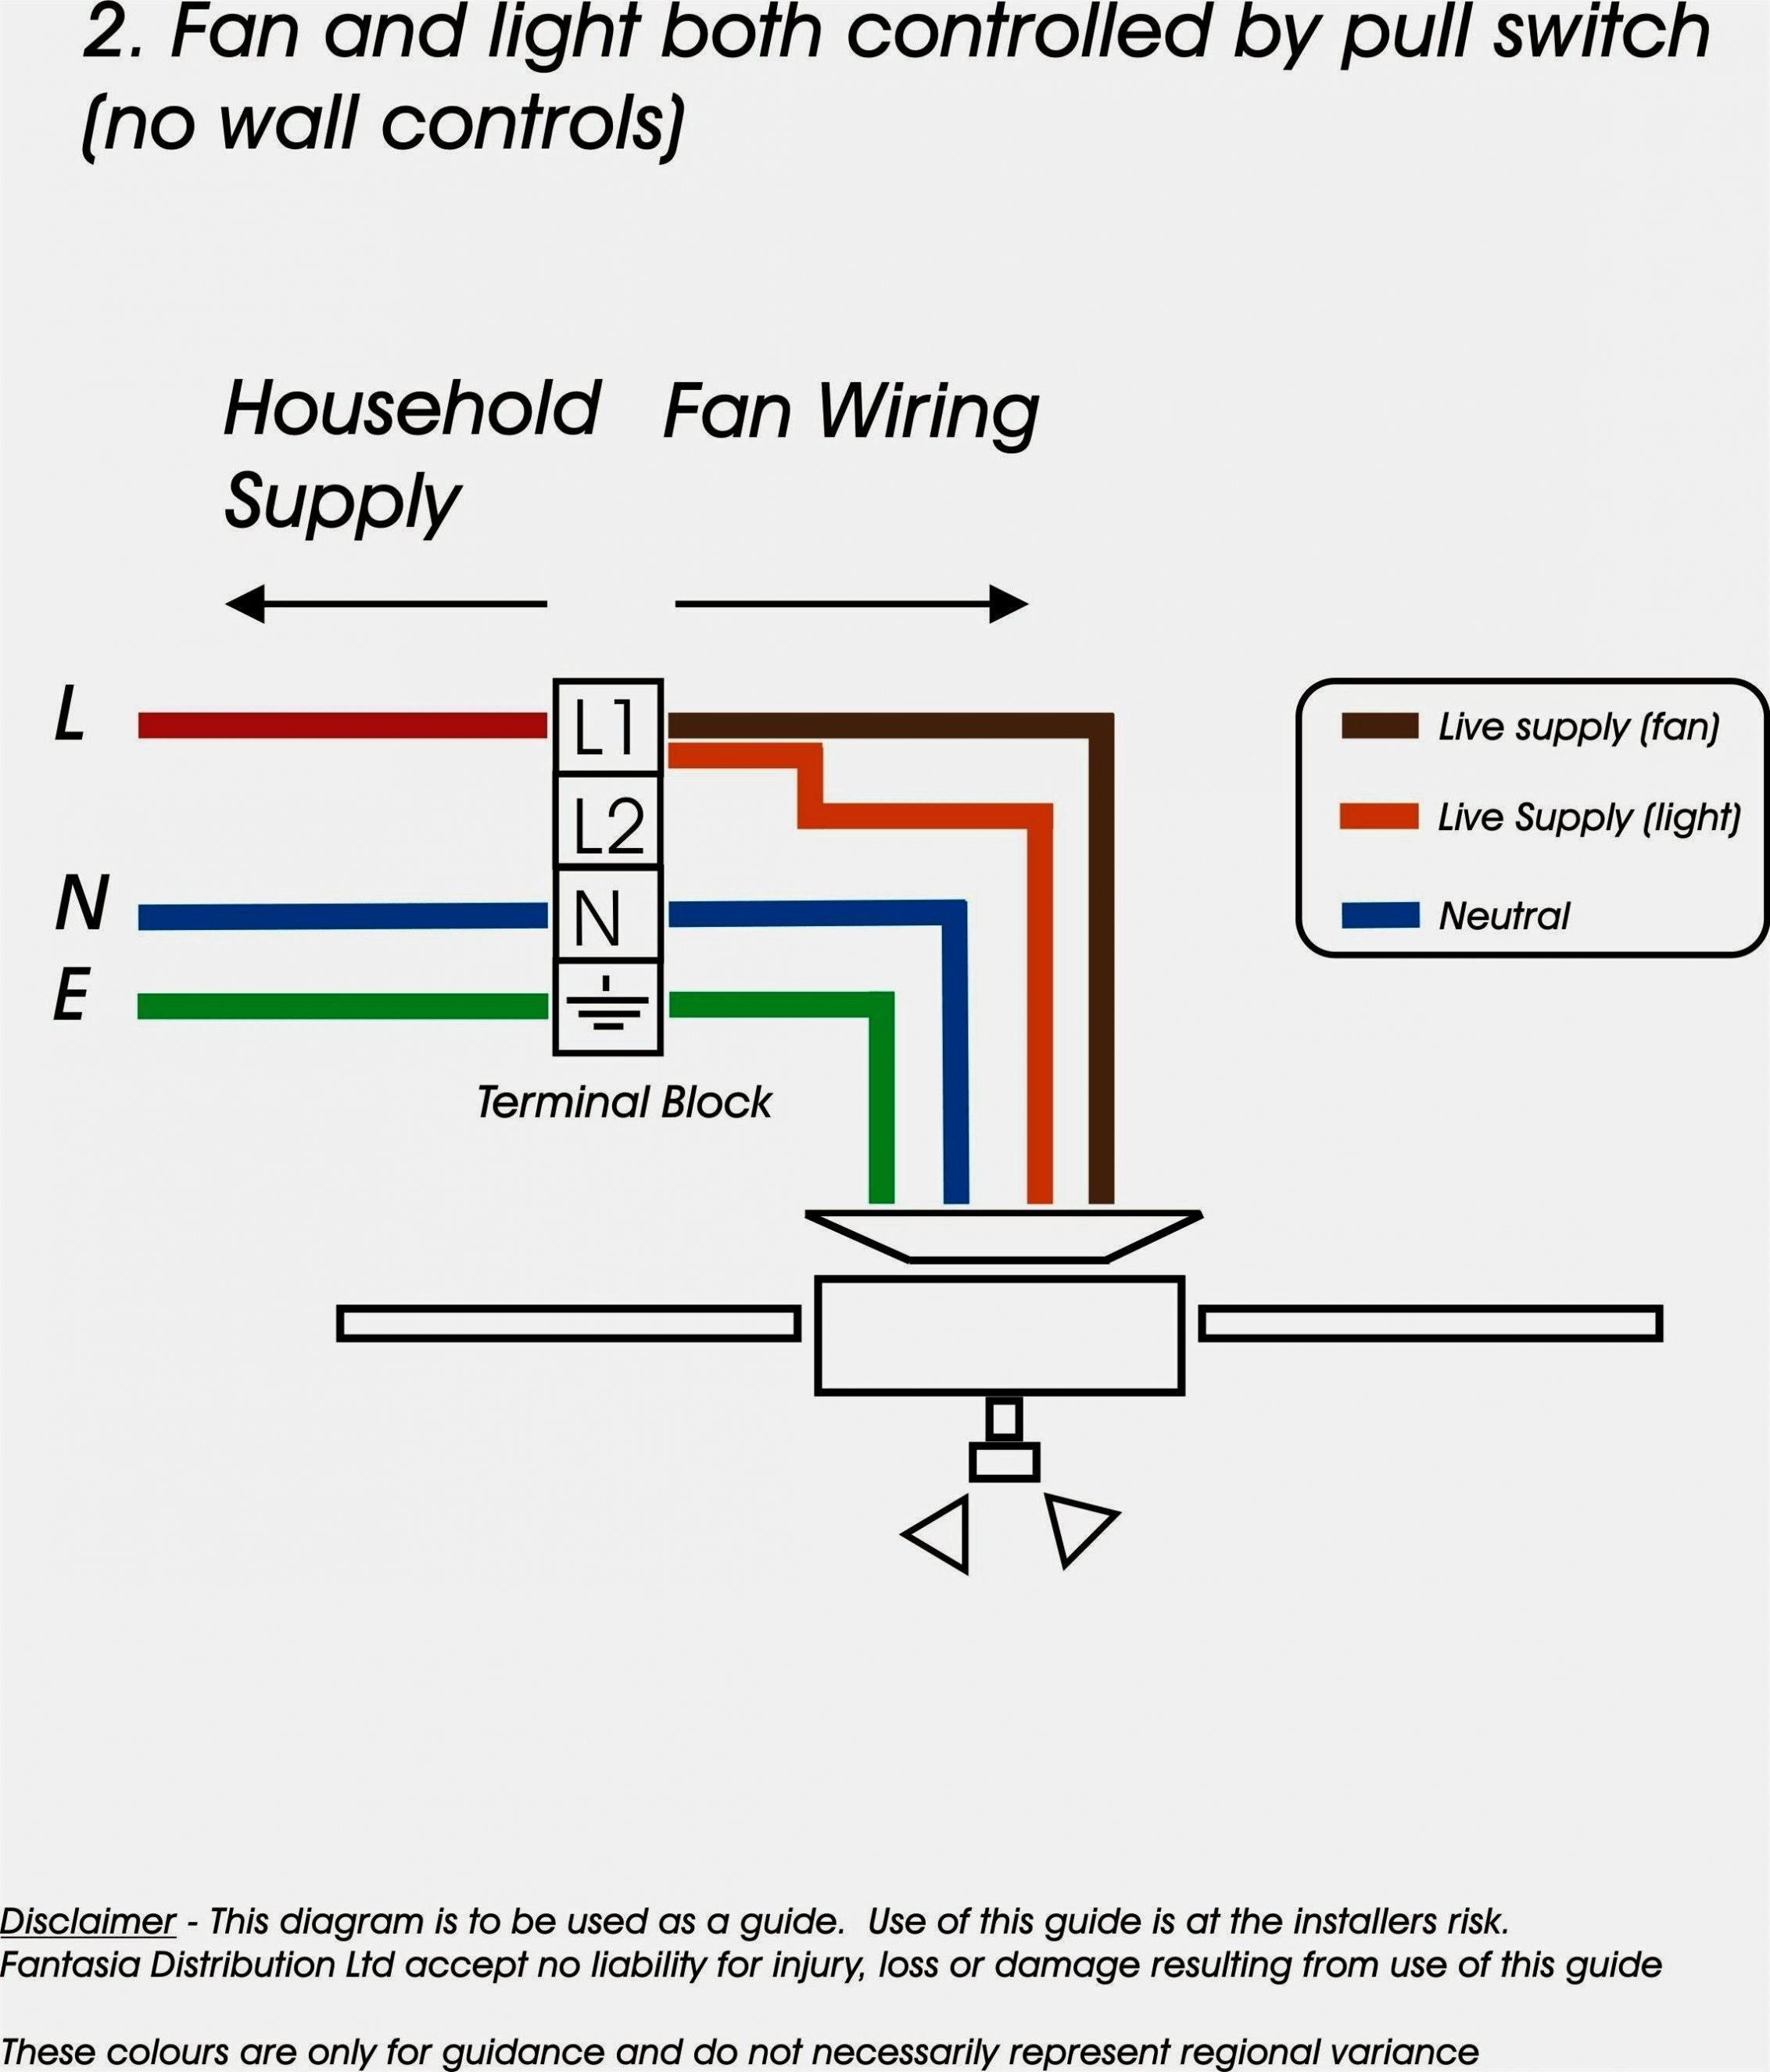 lasko fan wiring diagram fh schwabenschamanen de \u2022 Fan Thermostat Wiring Diagram lasko fan wiring diagram wiring diagram blog data rh 5 5 tefolia de